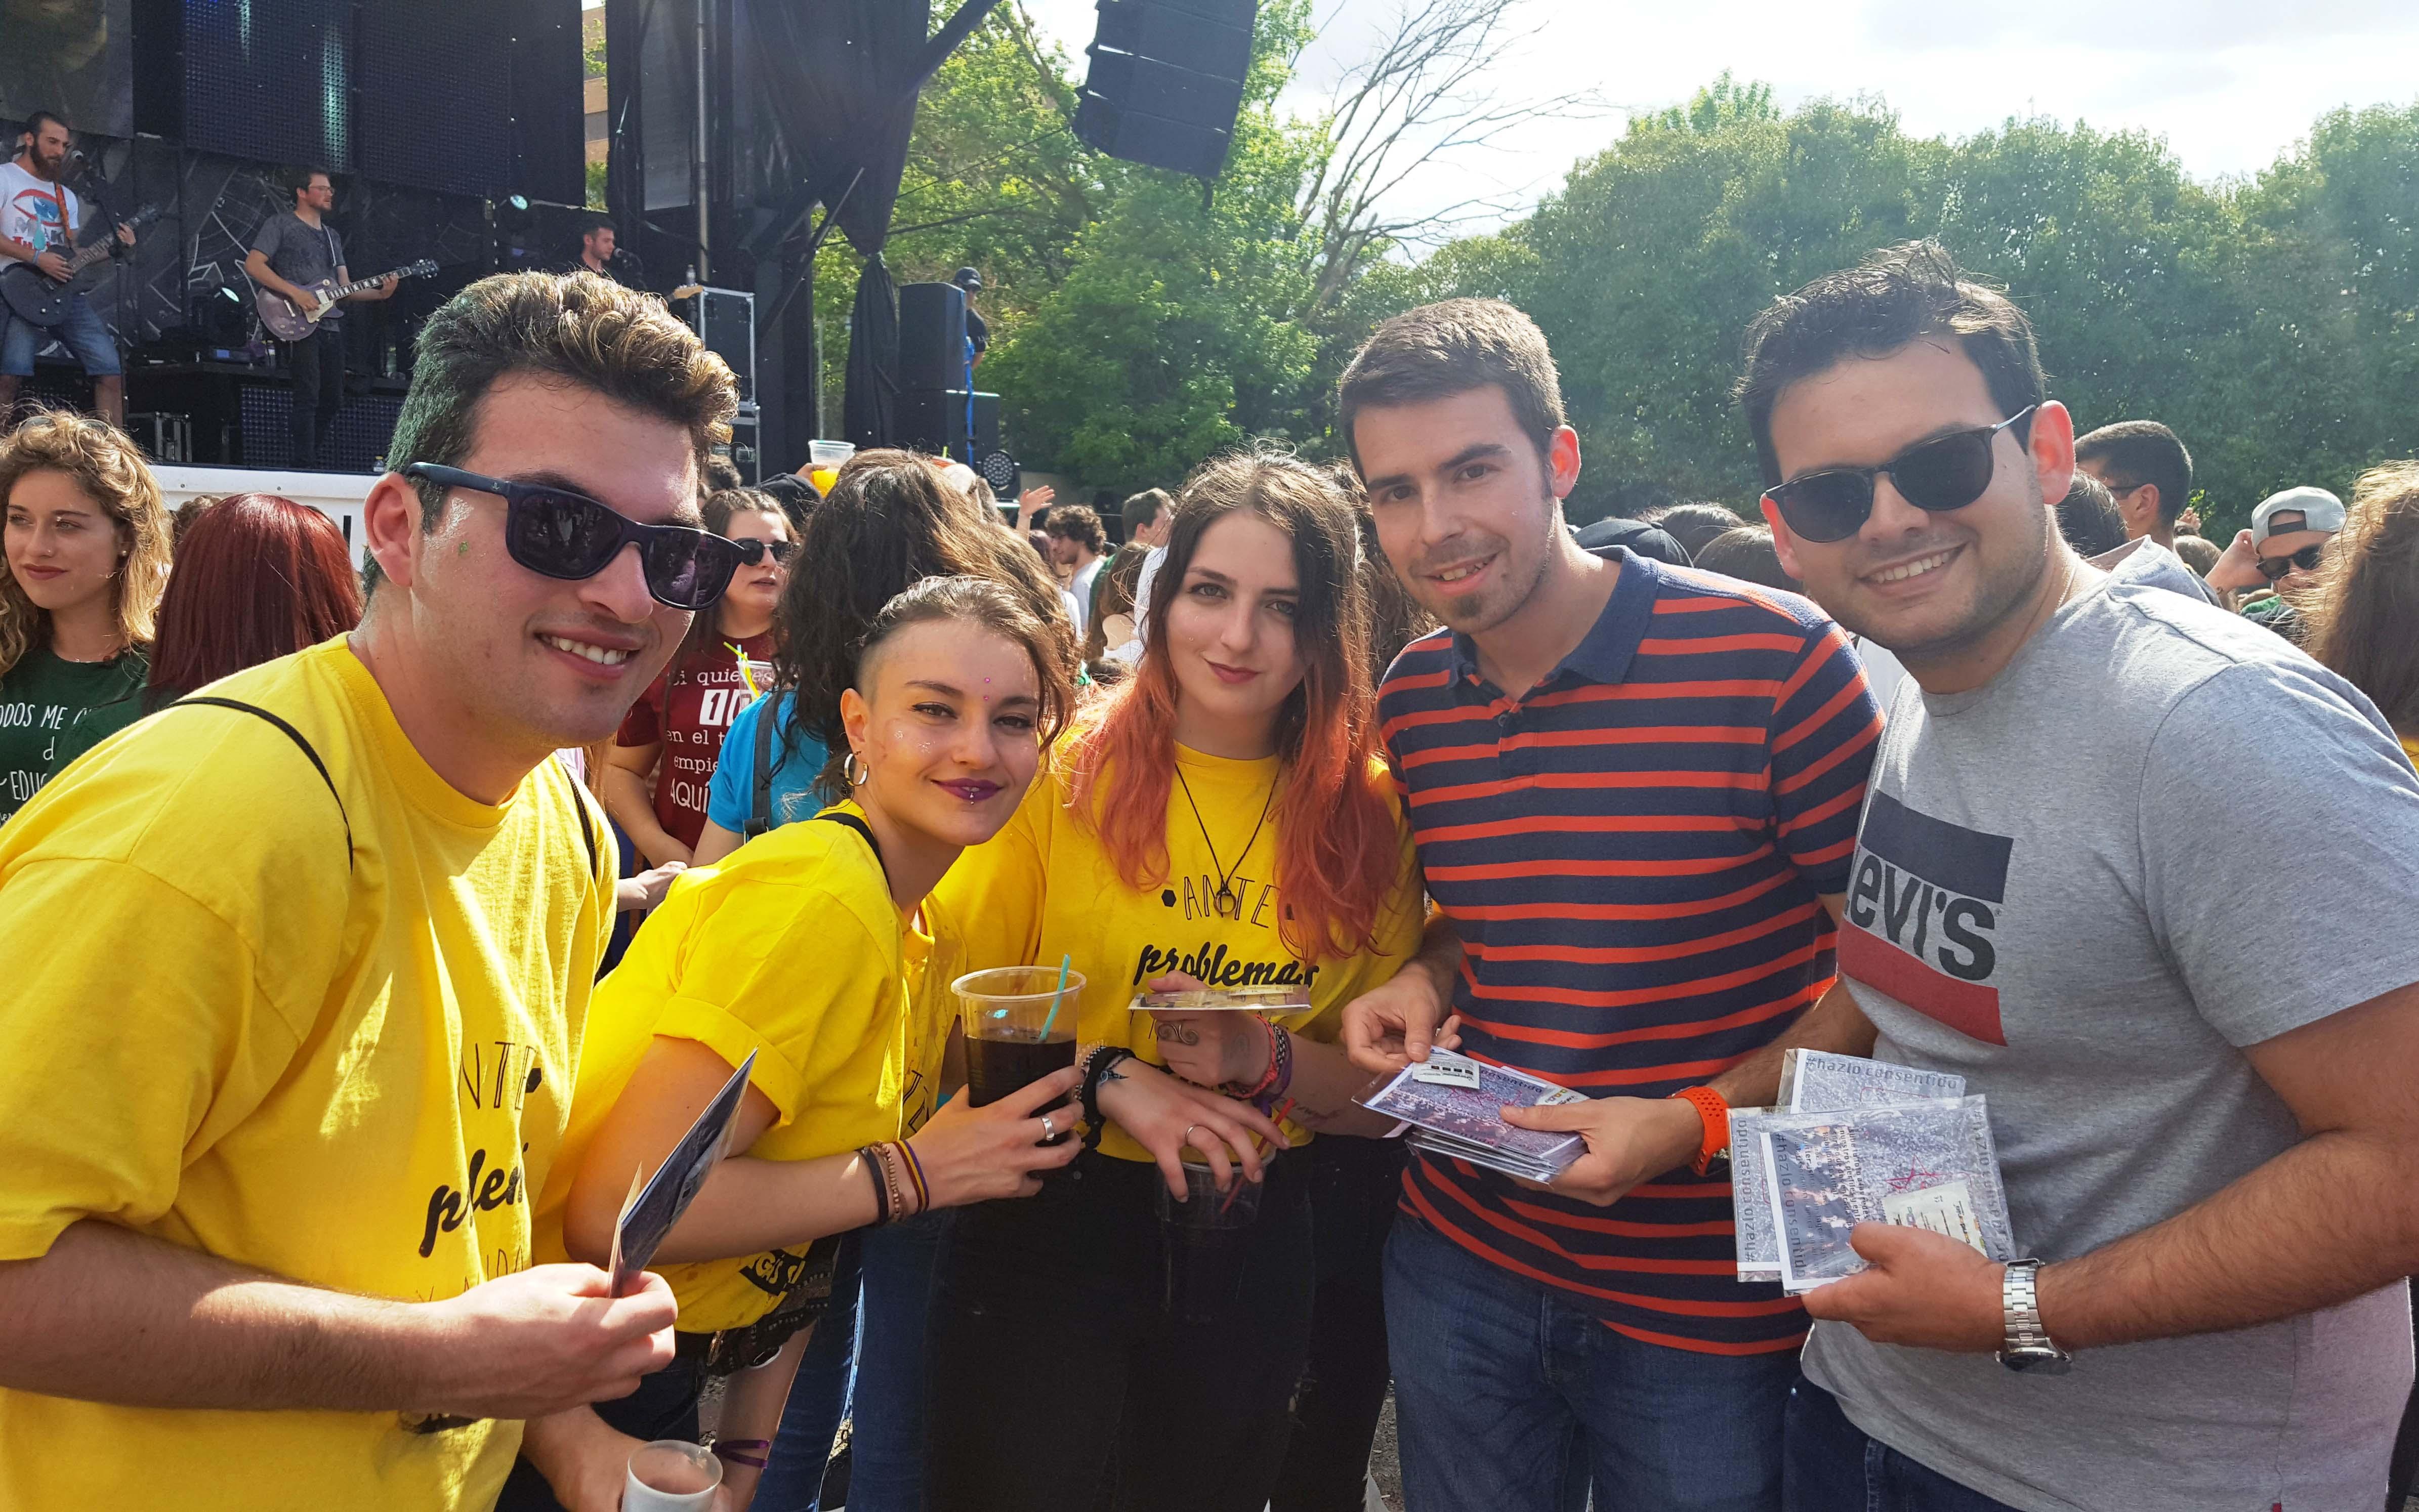 Juventudes Socialistas de Cuenca promueve entre los jóvenes concienciación sobre las agresiones sexuales